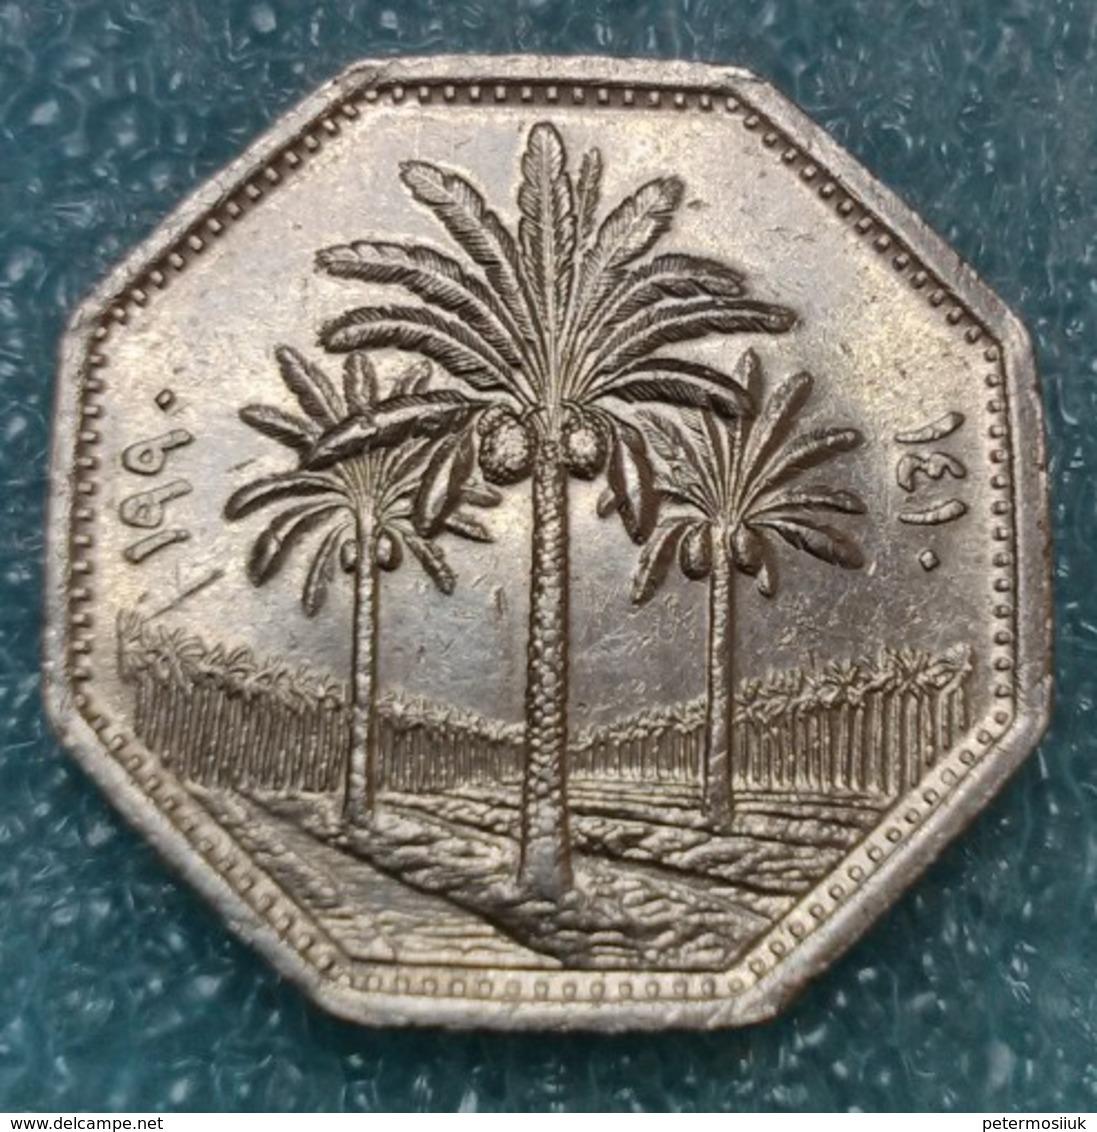 Iraq 250 Fils, 1990 -0326 - Iraq